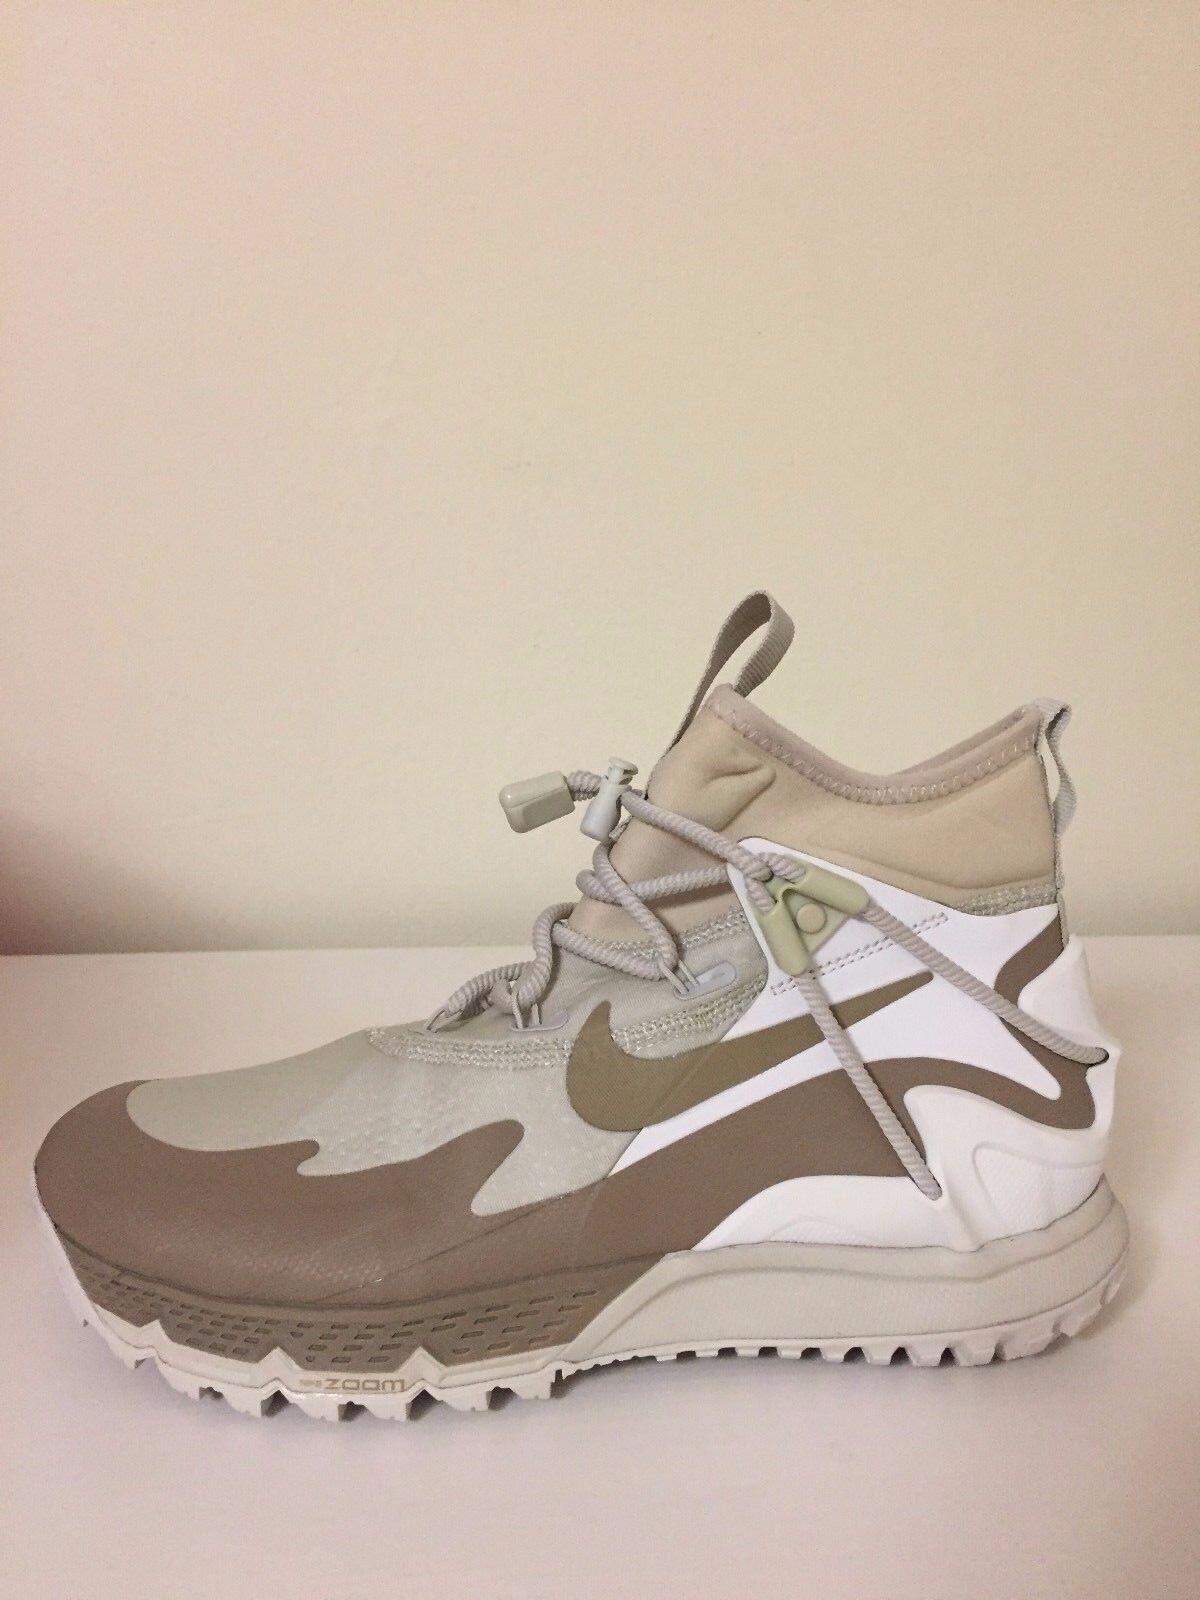 NIKE ZOOM TERRA SERTIG BOOT Women's SZ 8  916812-002 Beige/White/Dirt White